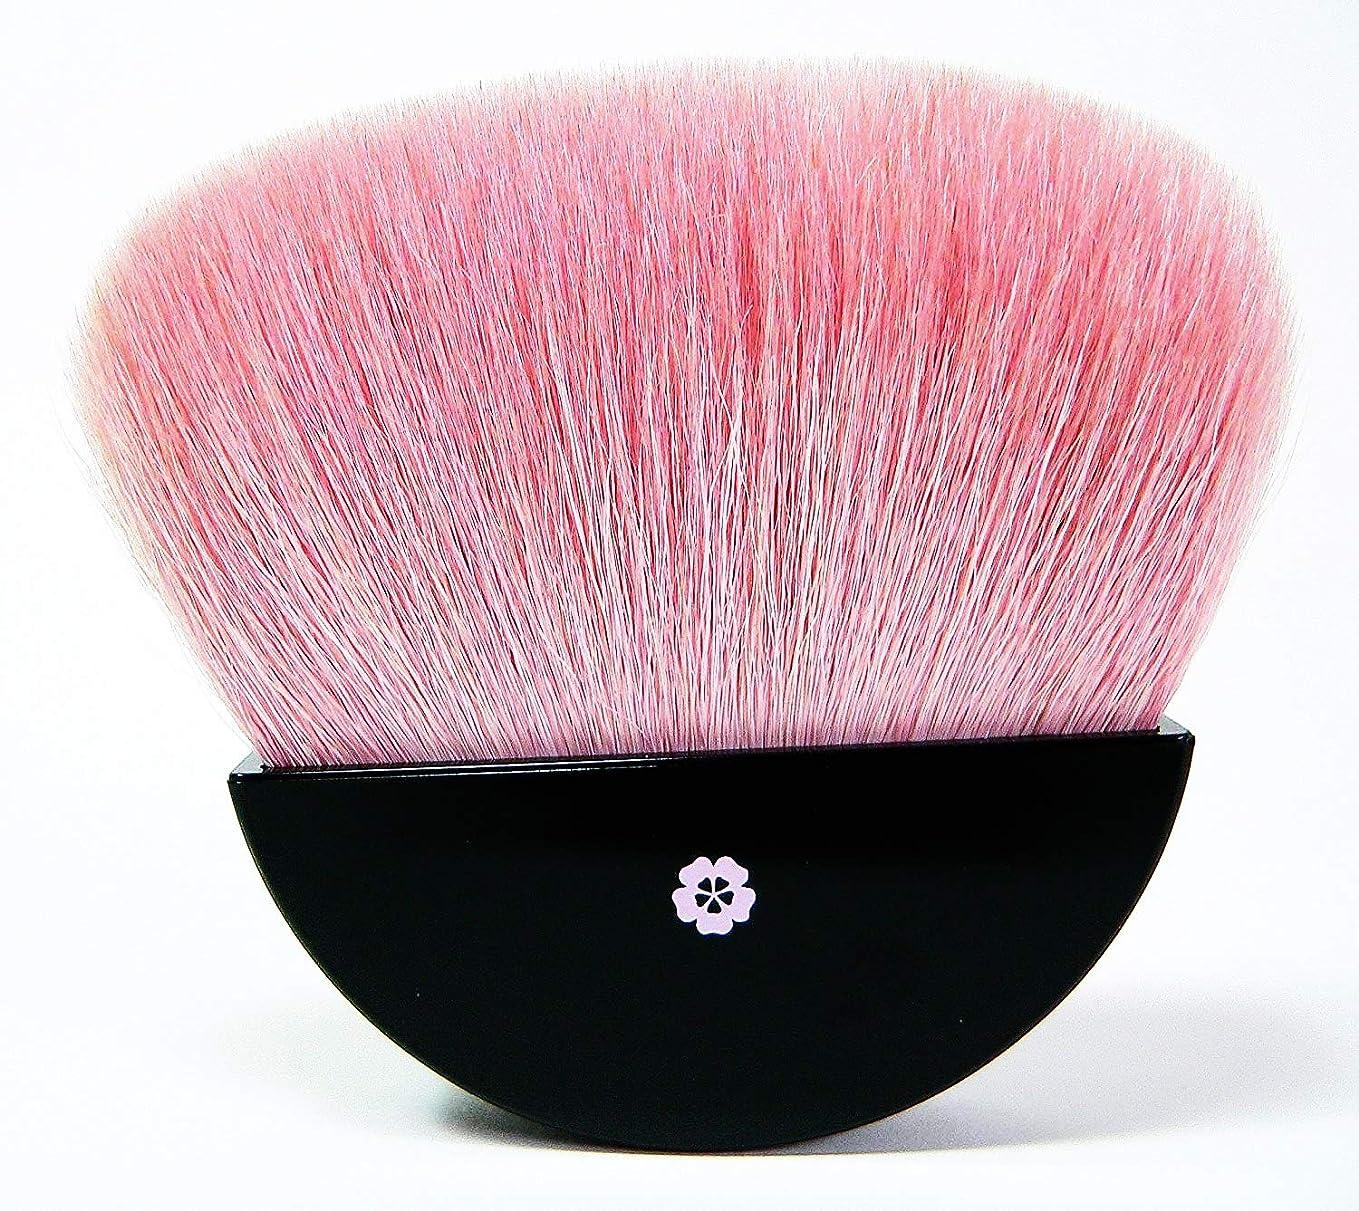 摂氏度良い項目熊野筆 メイクブラシ 化粧筆?白ヤギの毛をピンクに染め桜をイメージした商品です【日本製】